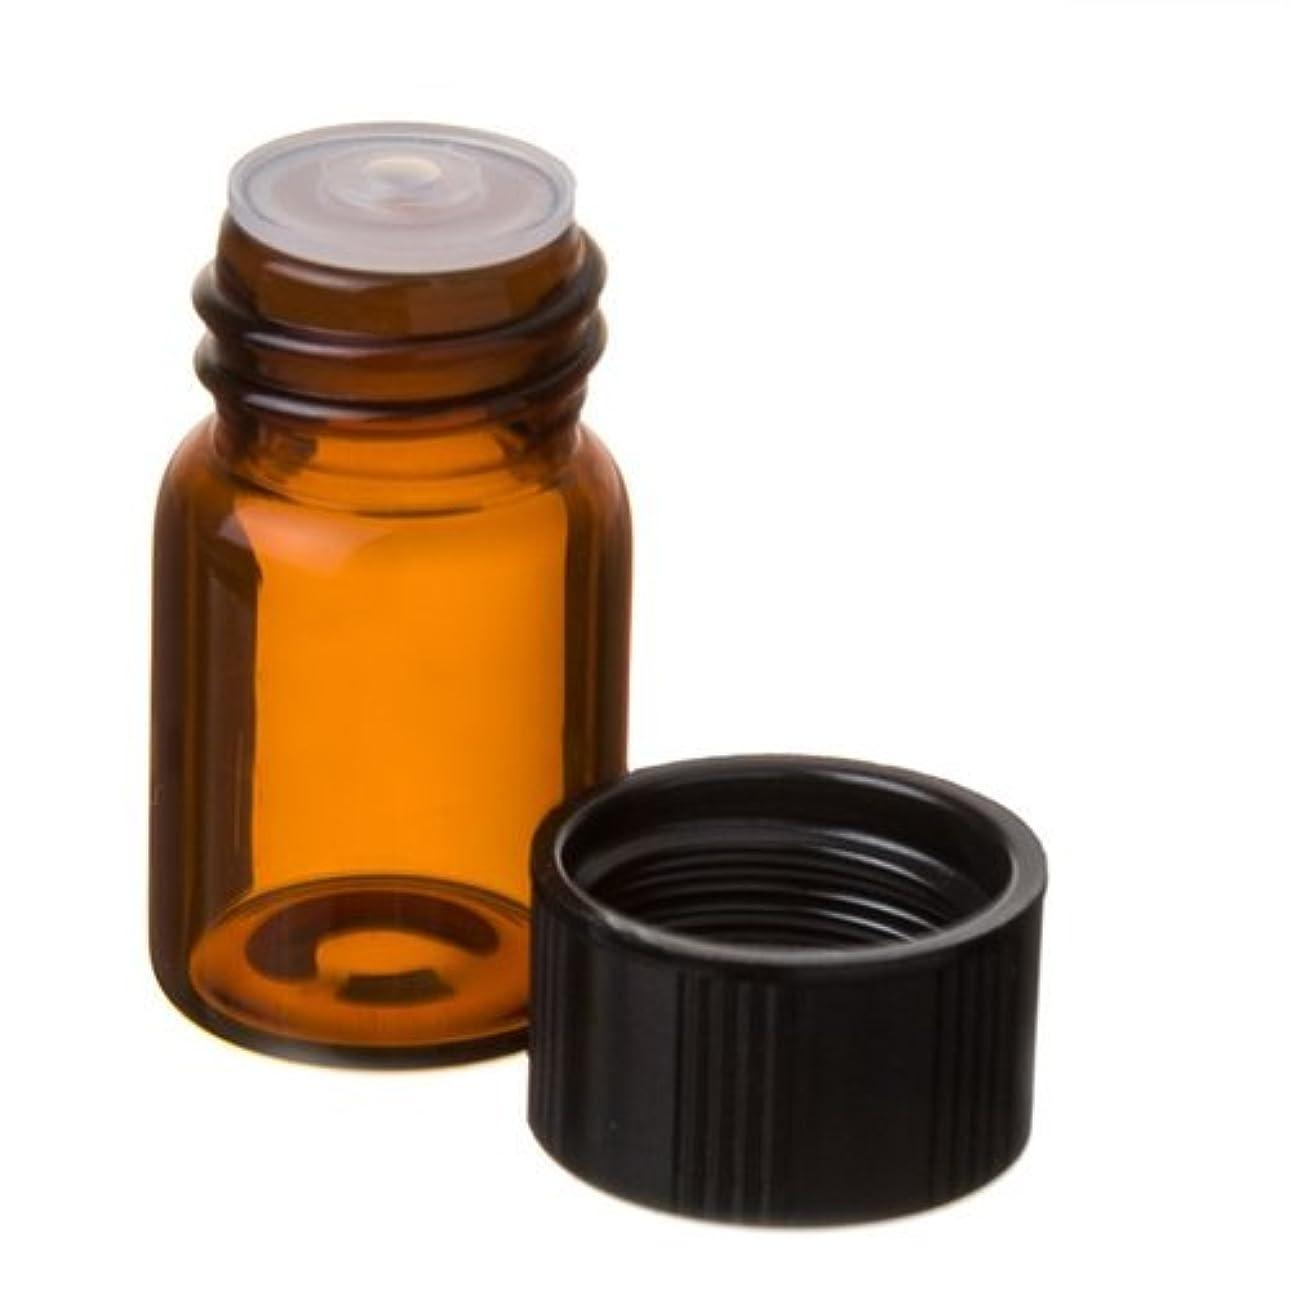 スープペレットディスパッチ5/8 Dram AMBER Glass Vial with Dropper Top for Essential Oils - Screw Cap w/Orifice Reducer - Pack of 12 Bulk...